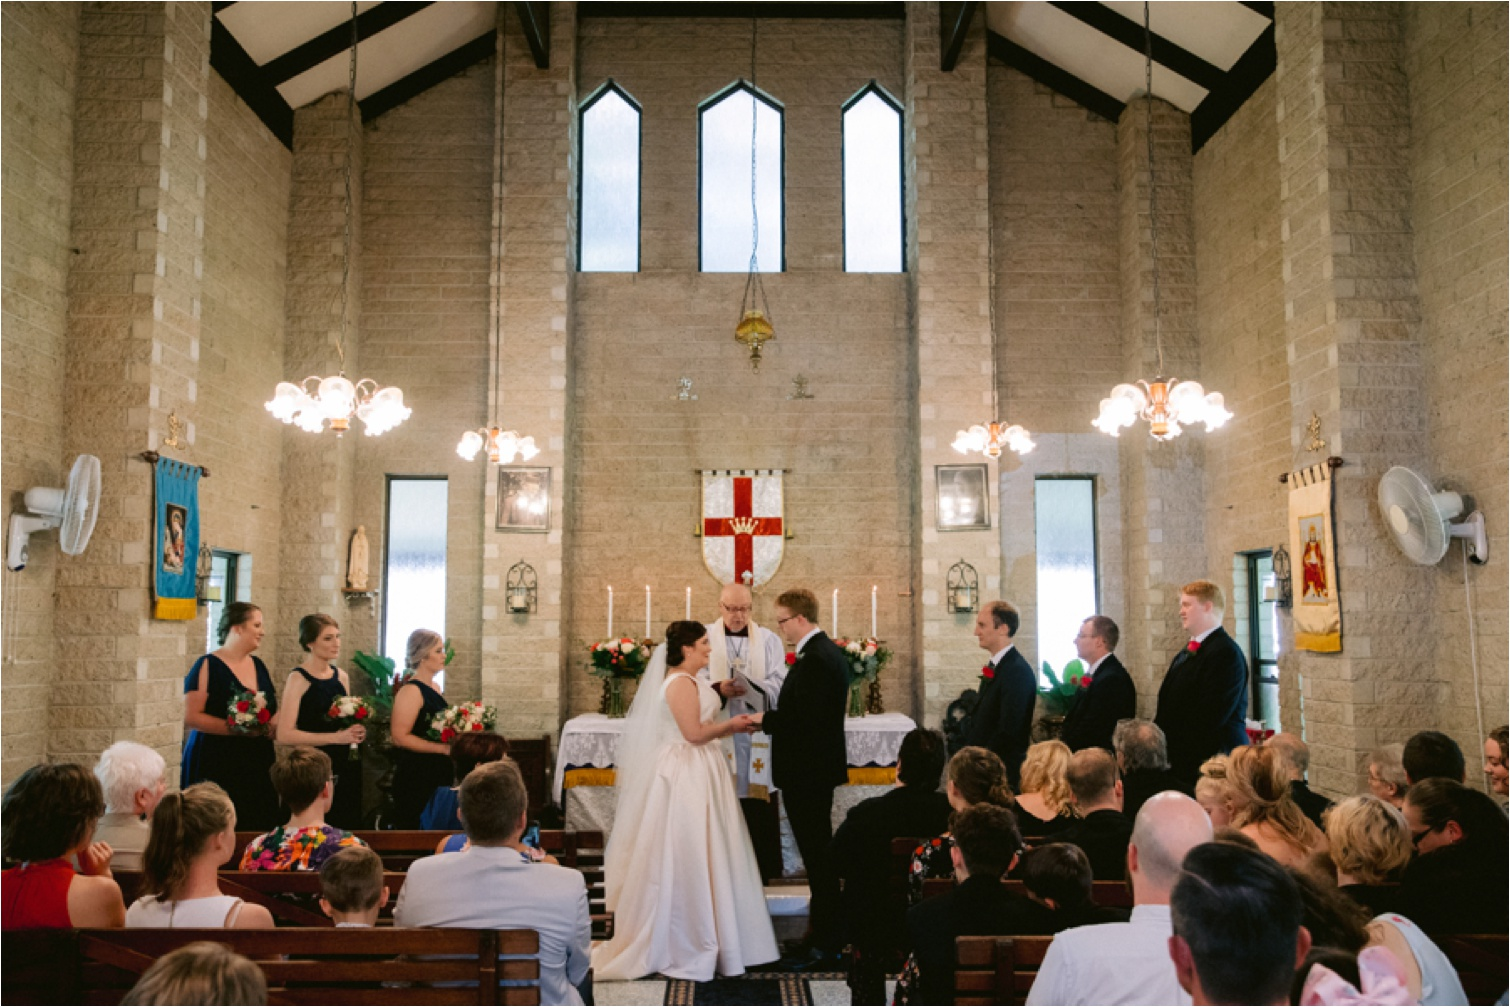 Bribie_Island_Church_Wedding_Photography